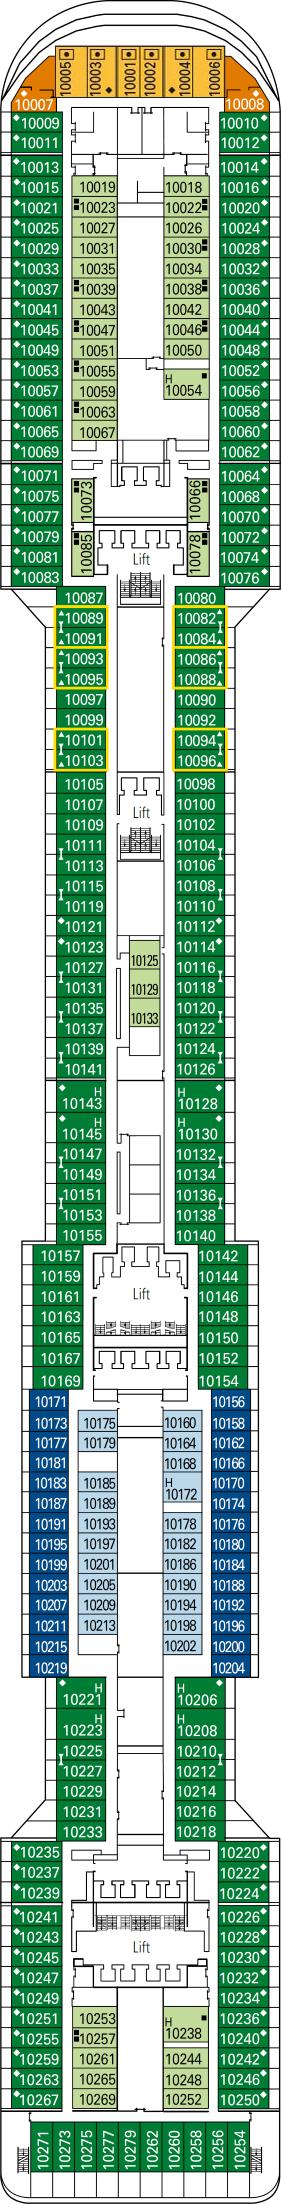 Msc divina ship details deck plans reviews and more for Msc divina floor plan